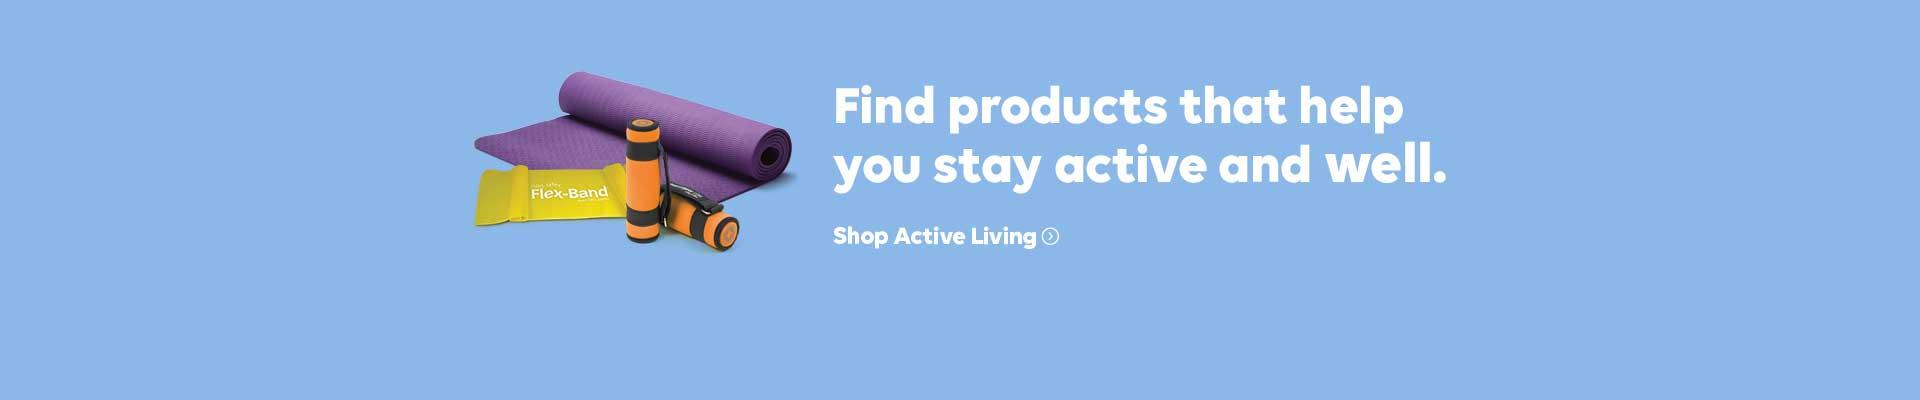 Shop Active Living